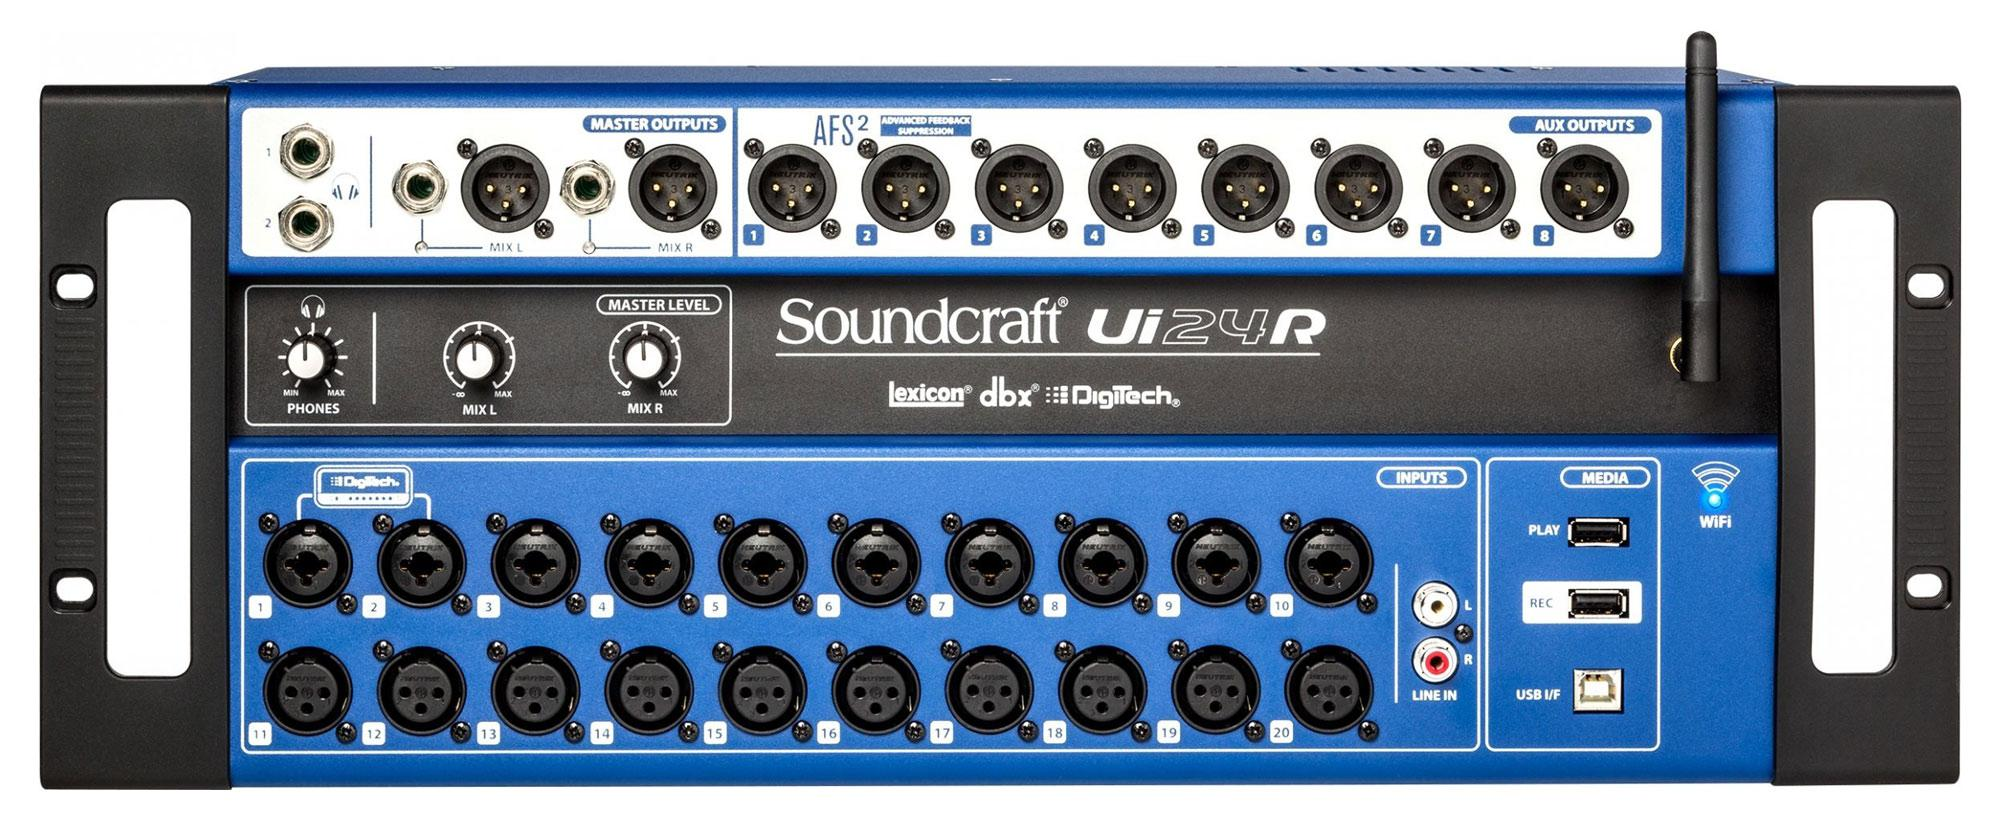 Mischpulte - Soundcraft Ui24R Digital Mischpult - Onlineshop Musikhaus Kirstein